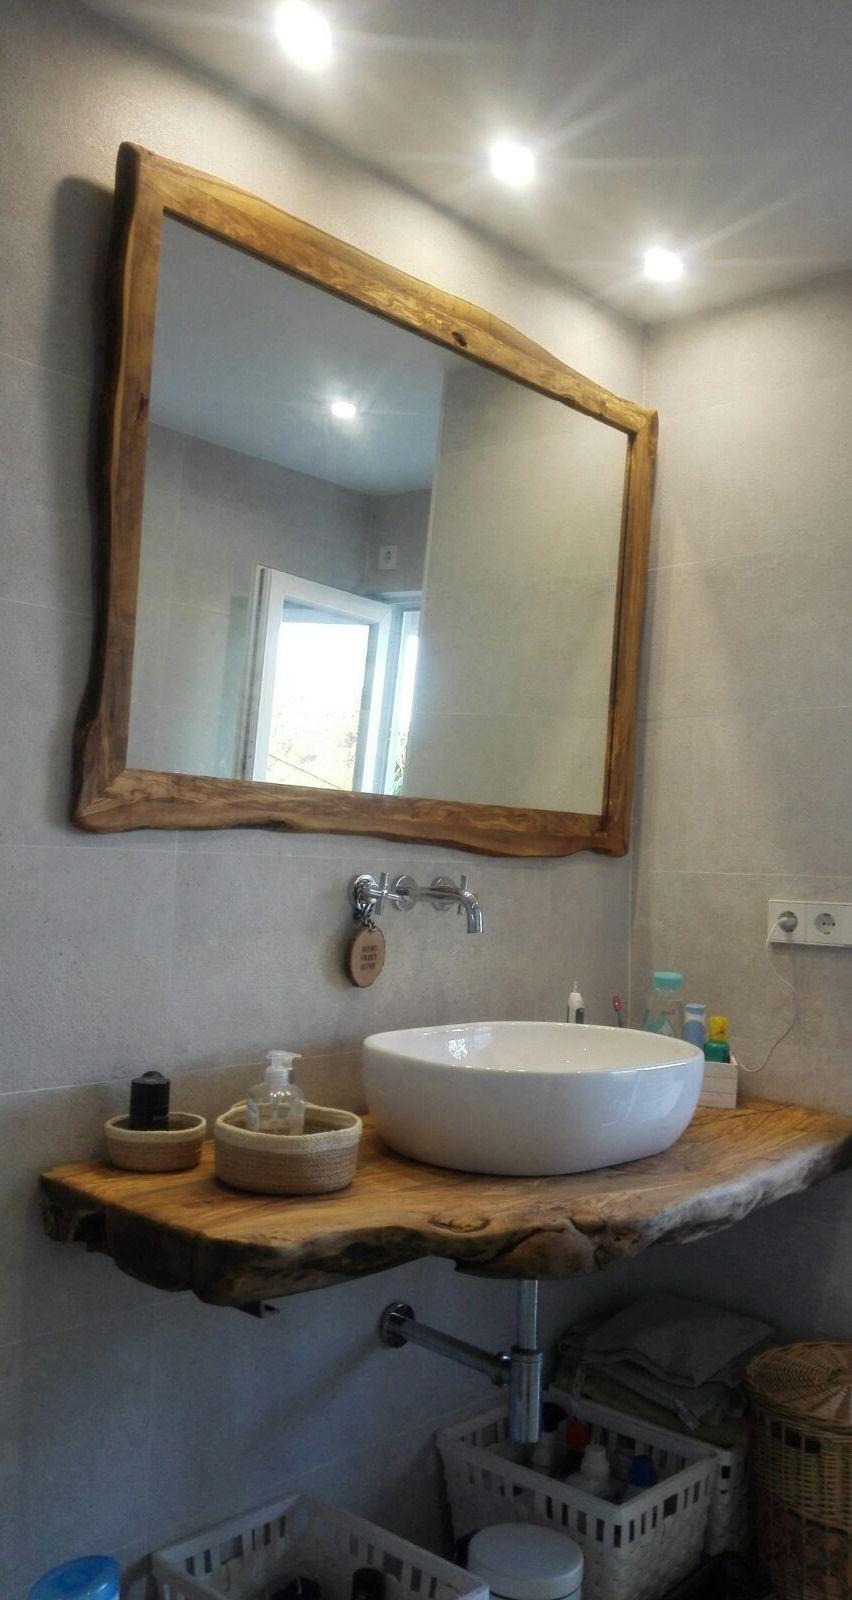 encimera de baño de madera de olivo | Muebles para baños ...